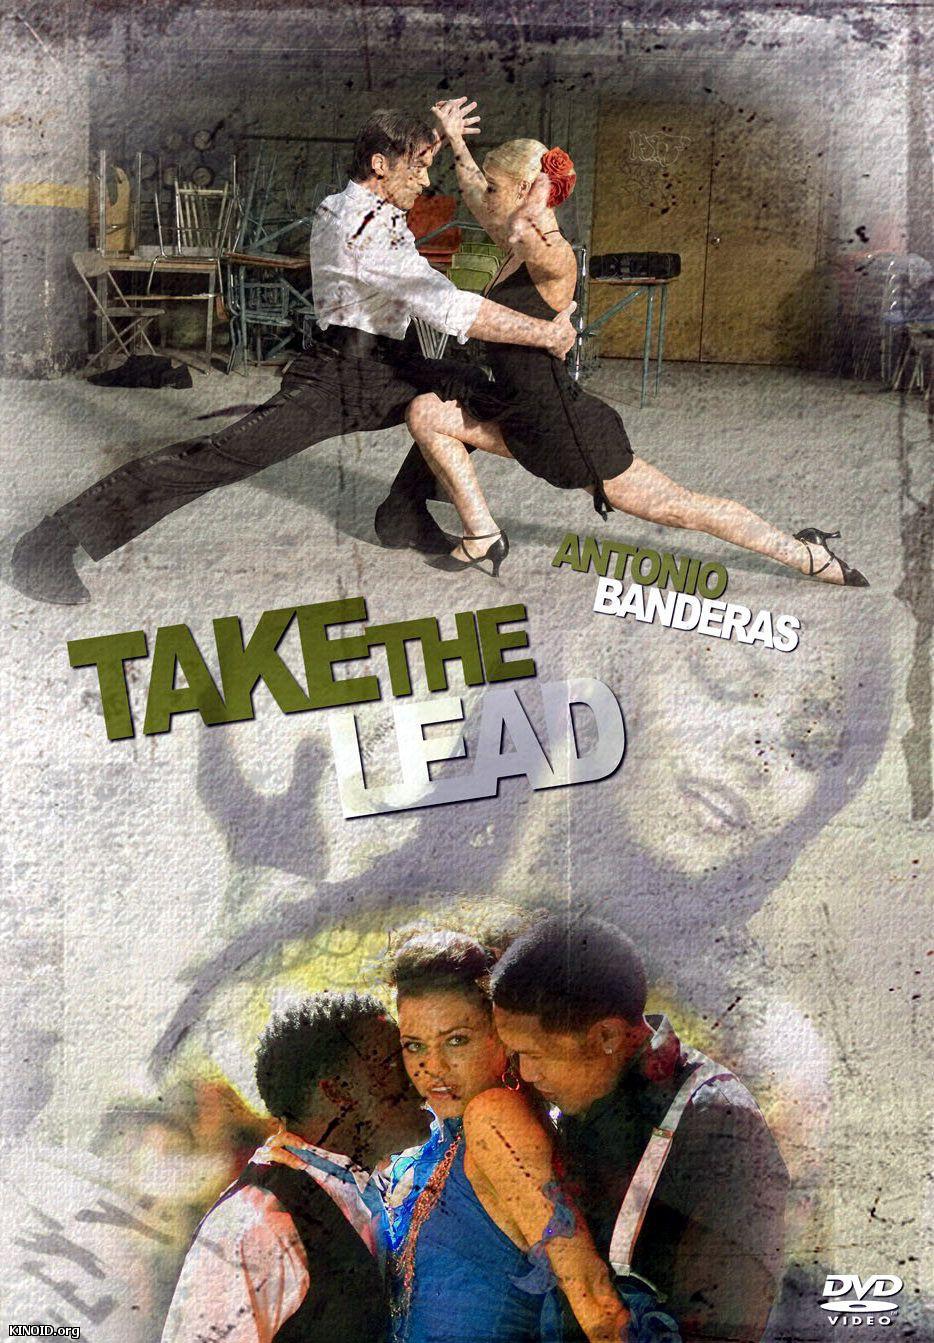 Танго из фильма держи ритм mp3 скачать